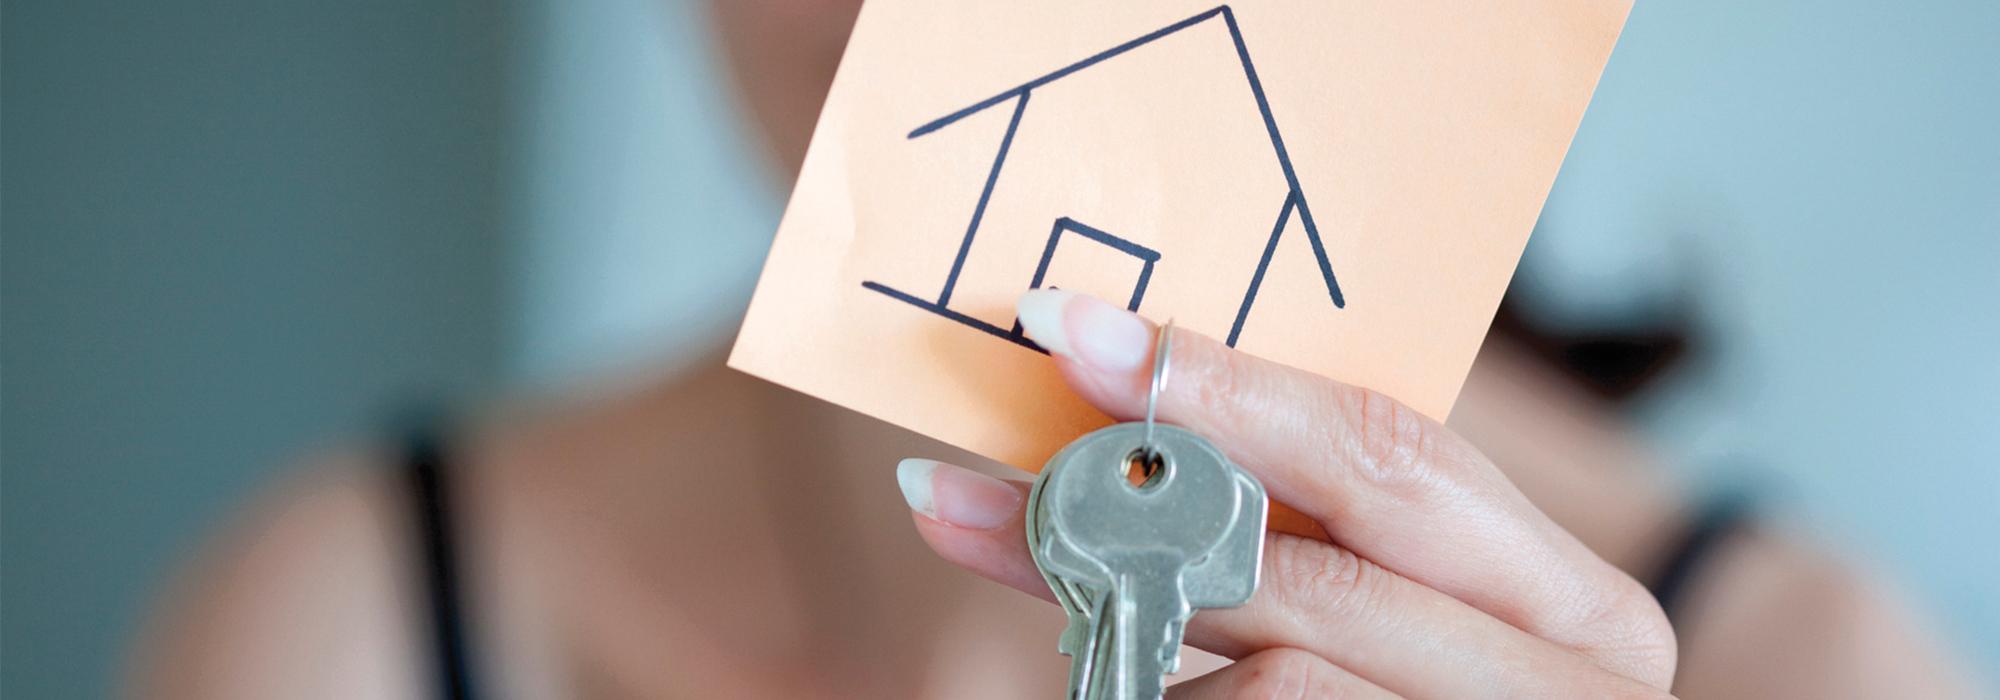 Frambourt Maçonnerie - Contruction de maison clés en mains